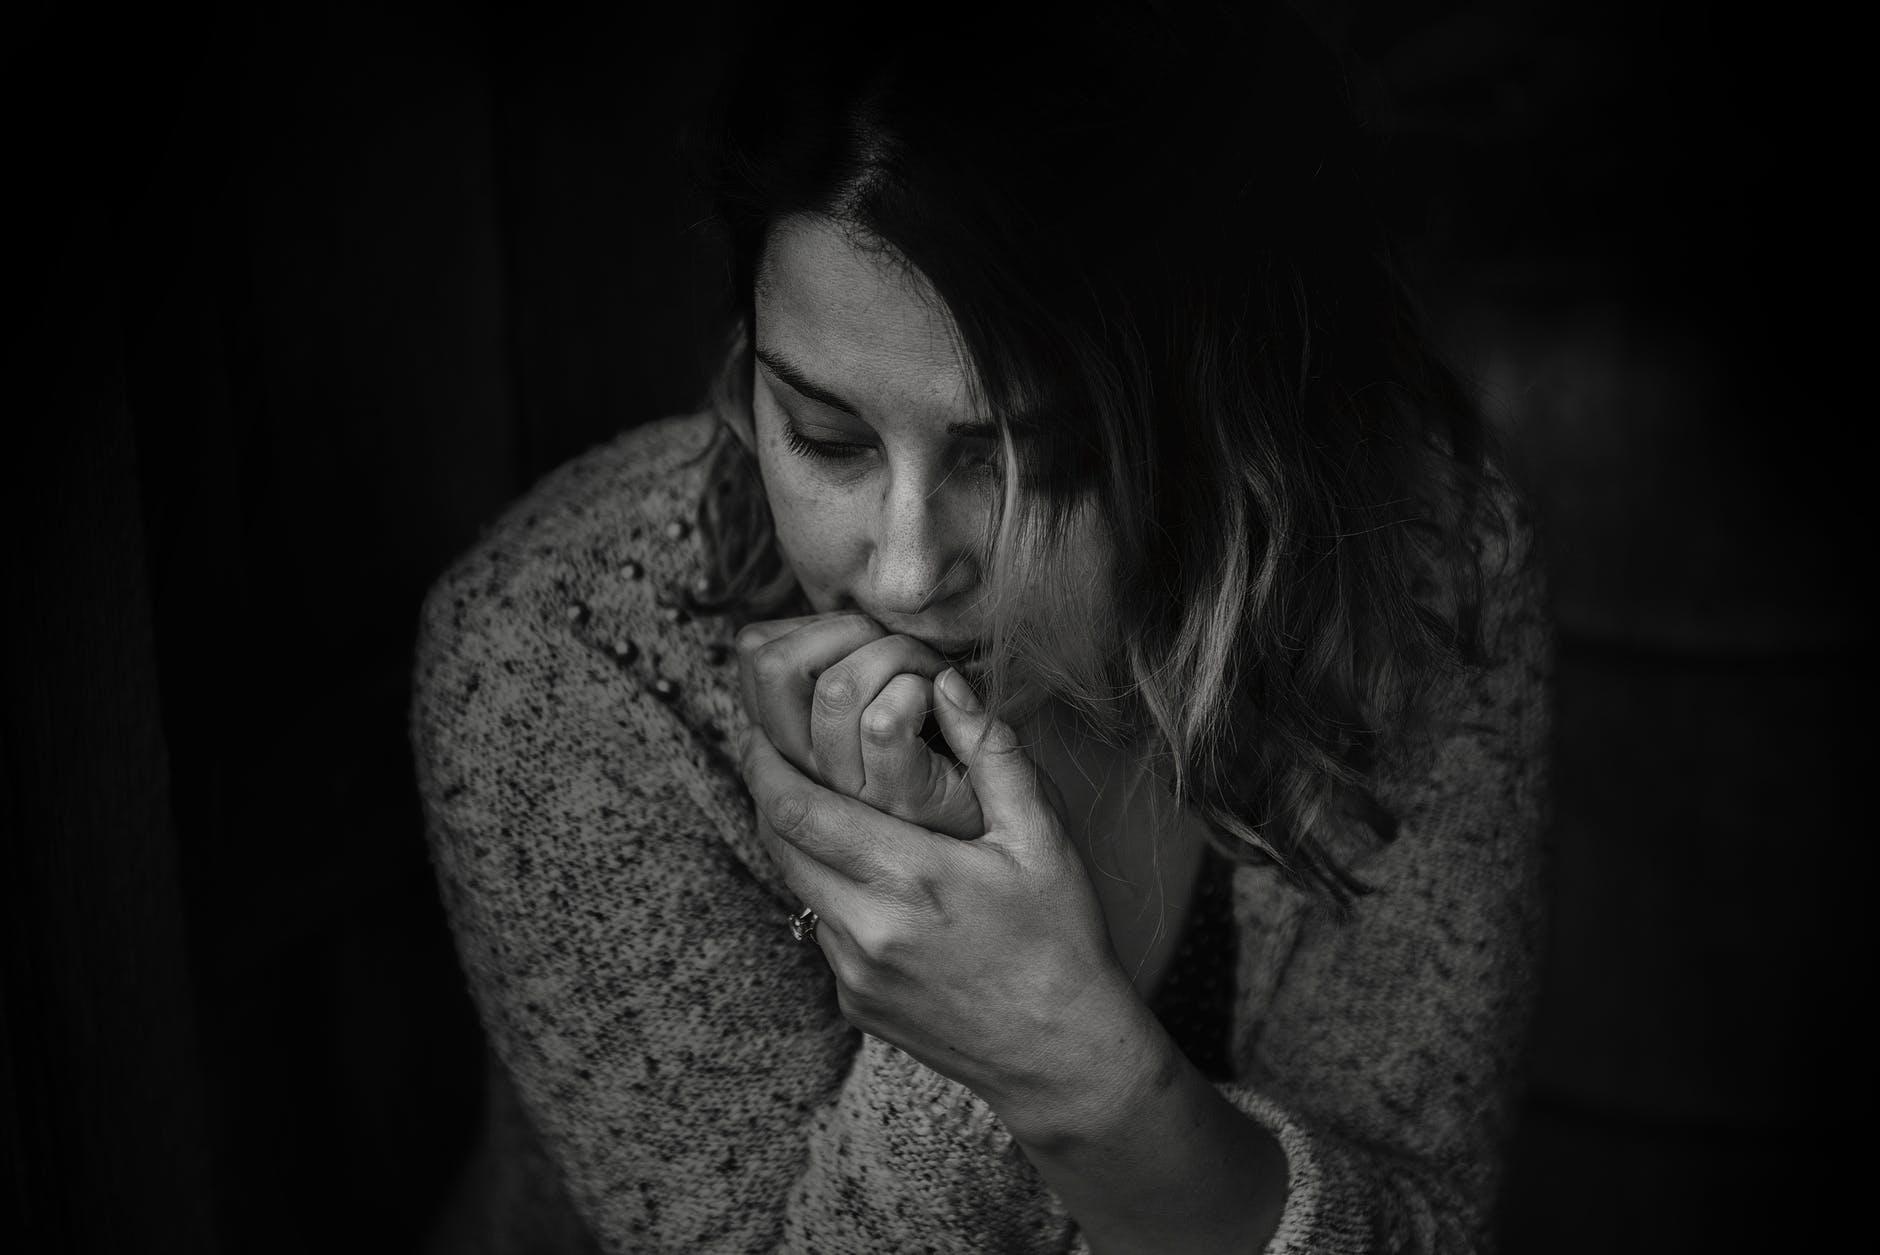 De symptomen van een gegeneraliseerde angststoornis